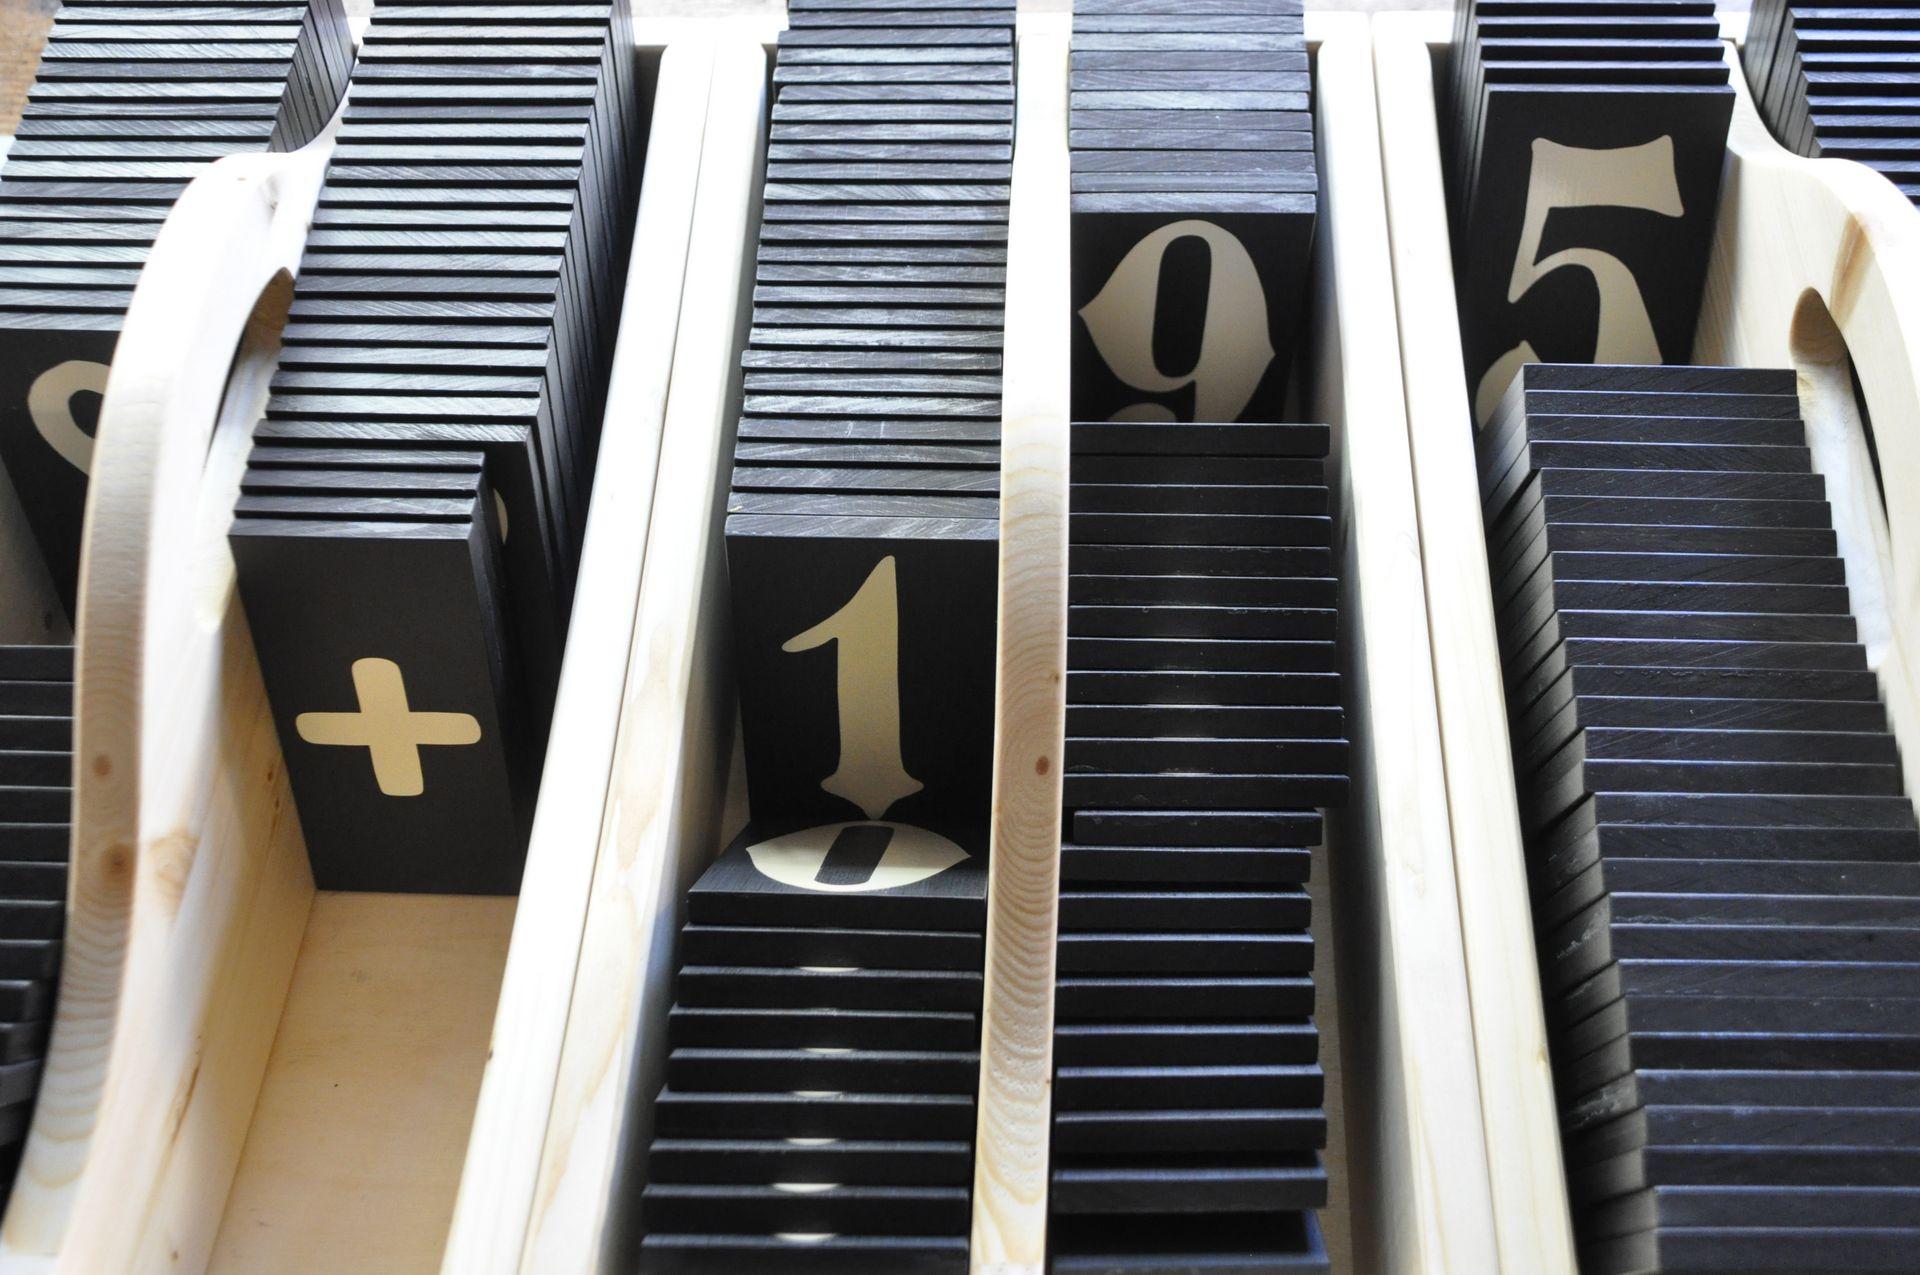 Neubeschriftung von Kirchentafeln für die Kirche St. Johannis in Harvestehude